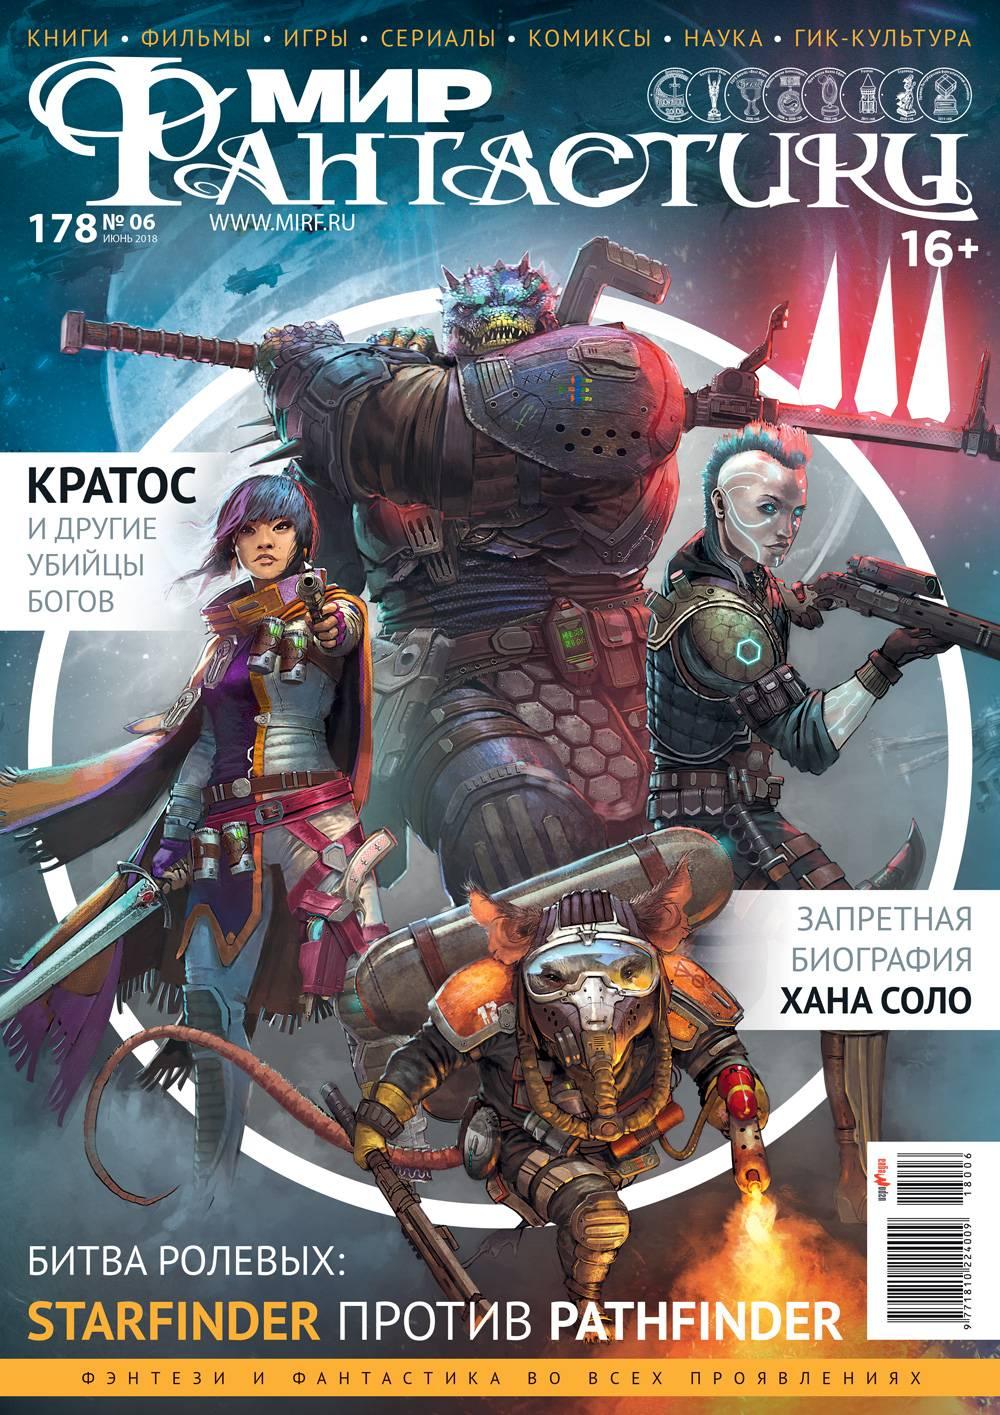 Мир фантастики №178 (июнь2018)